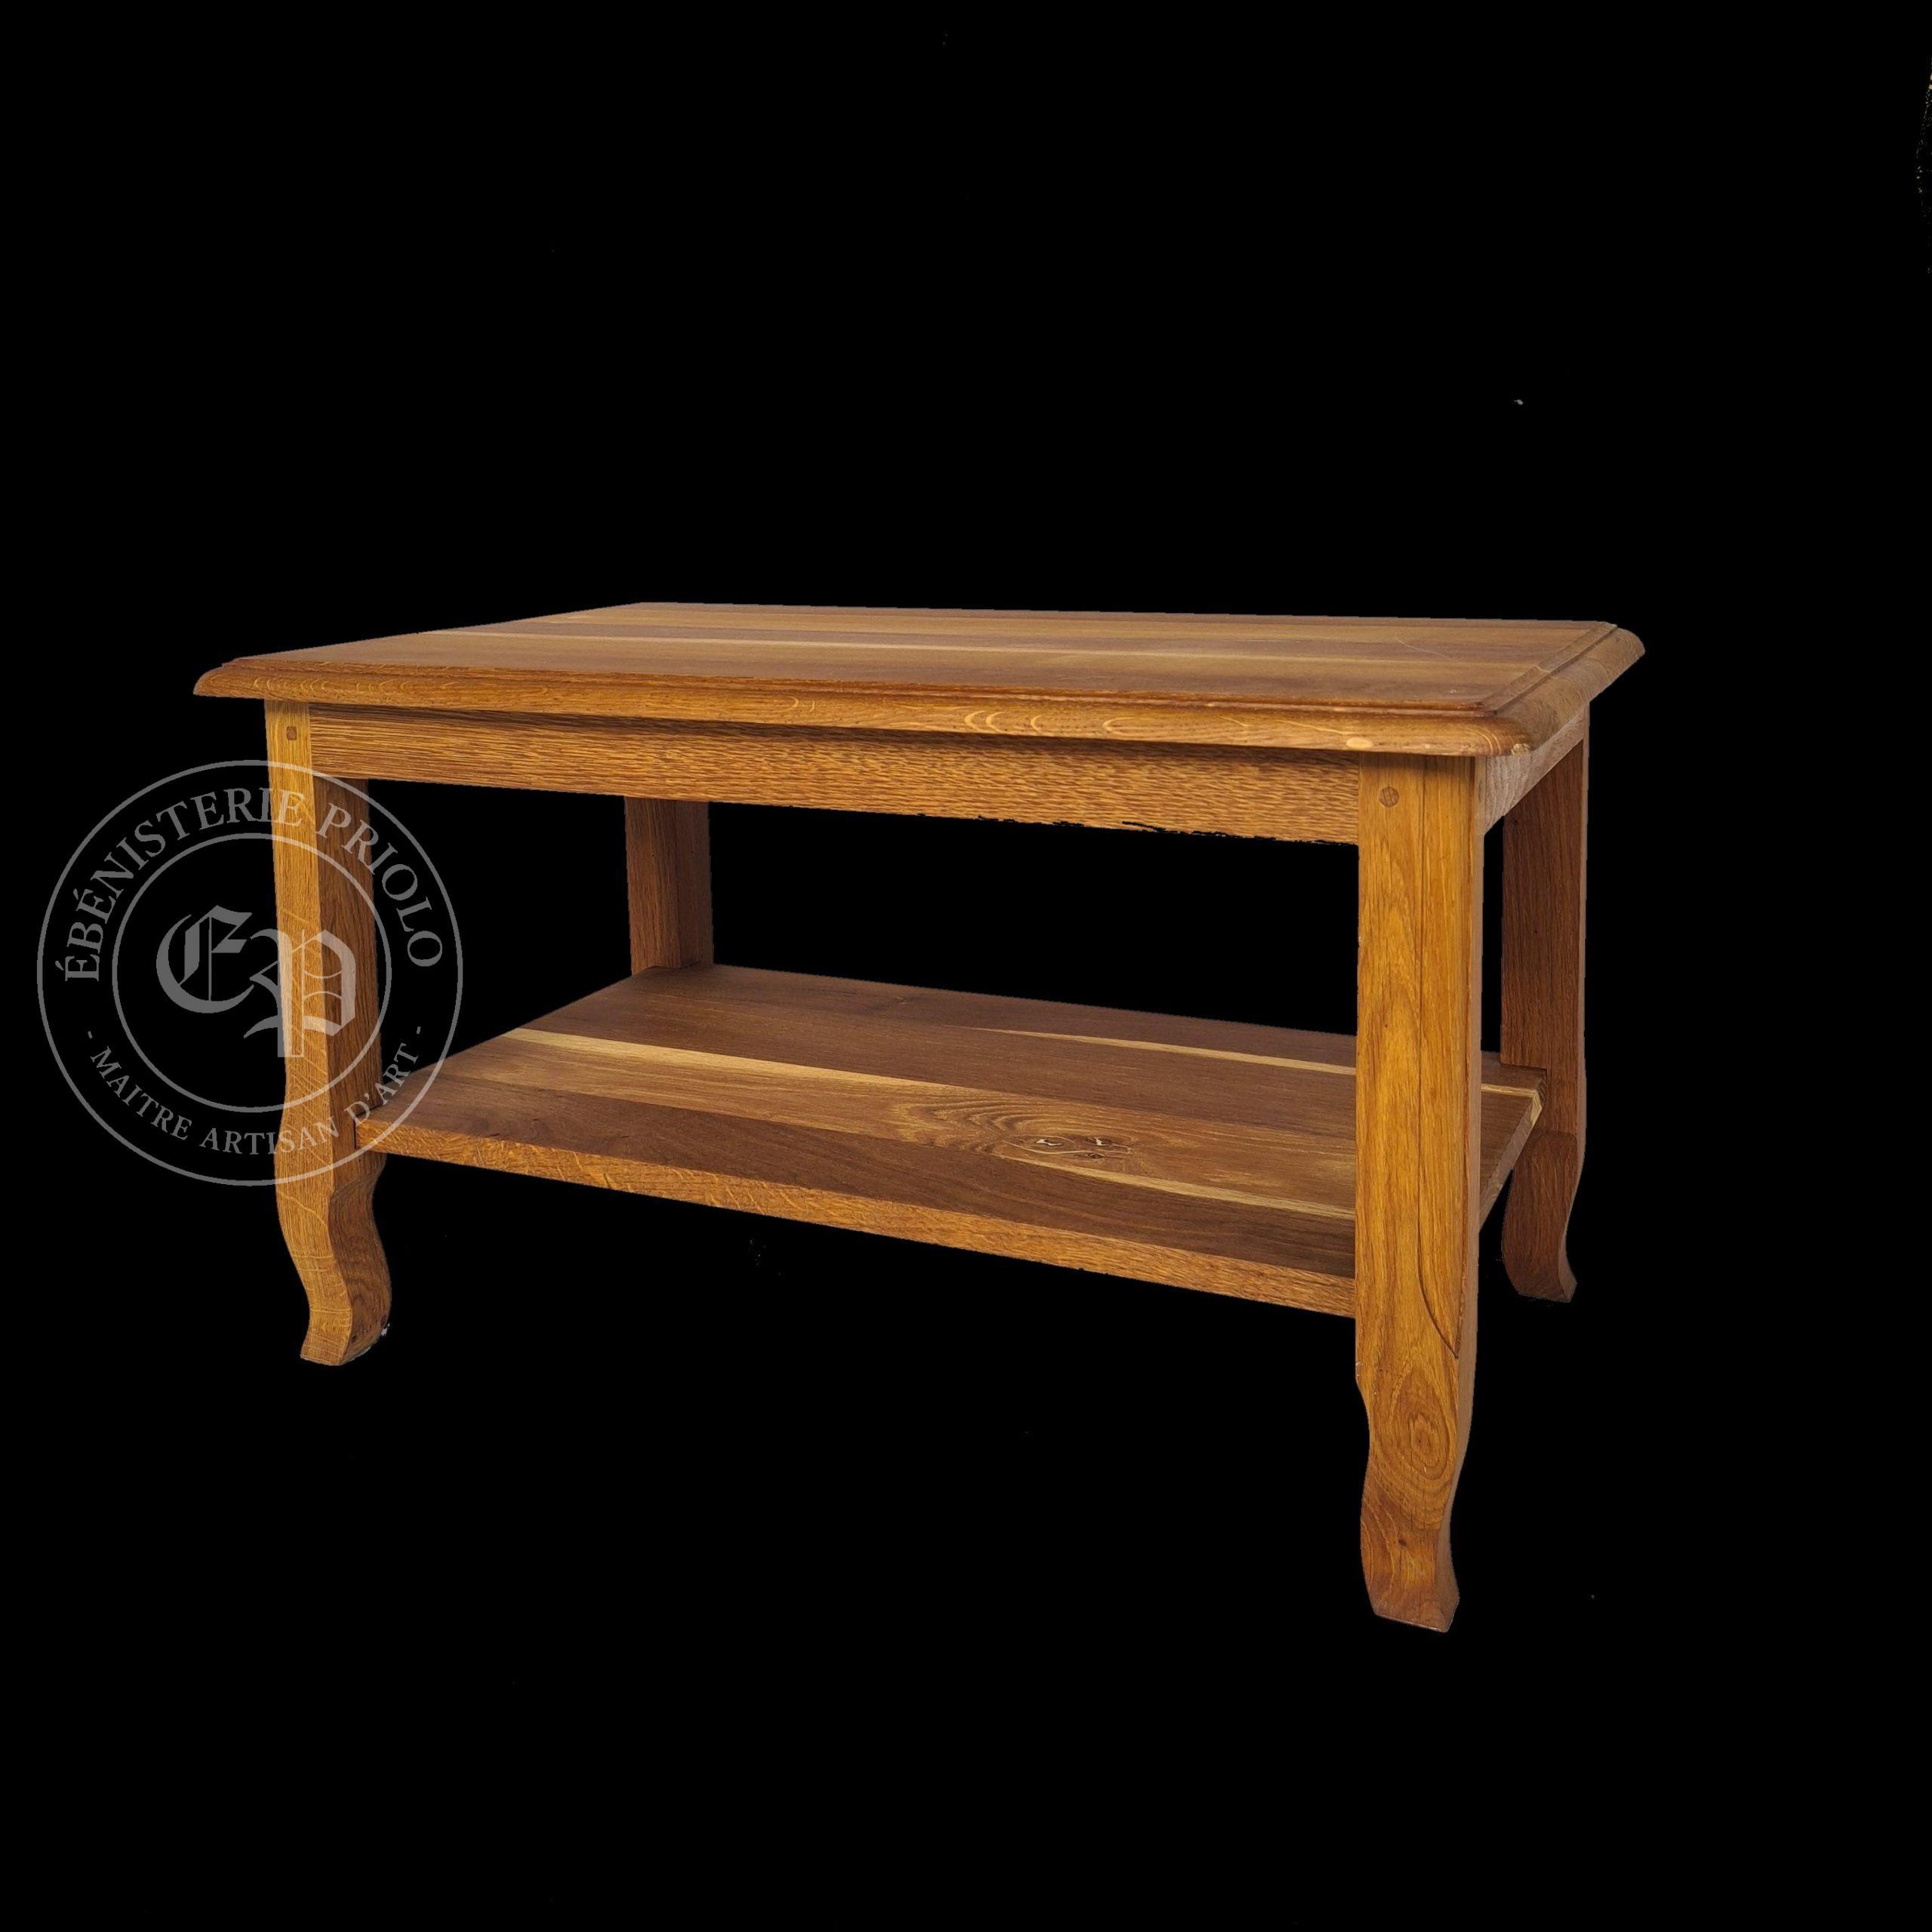 table basse en chêne pieds Louis XV massif coloris huile de lin